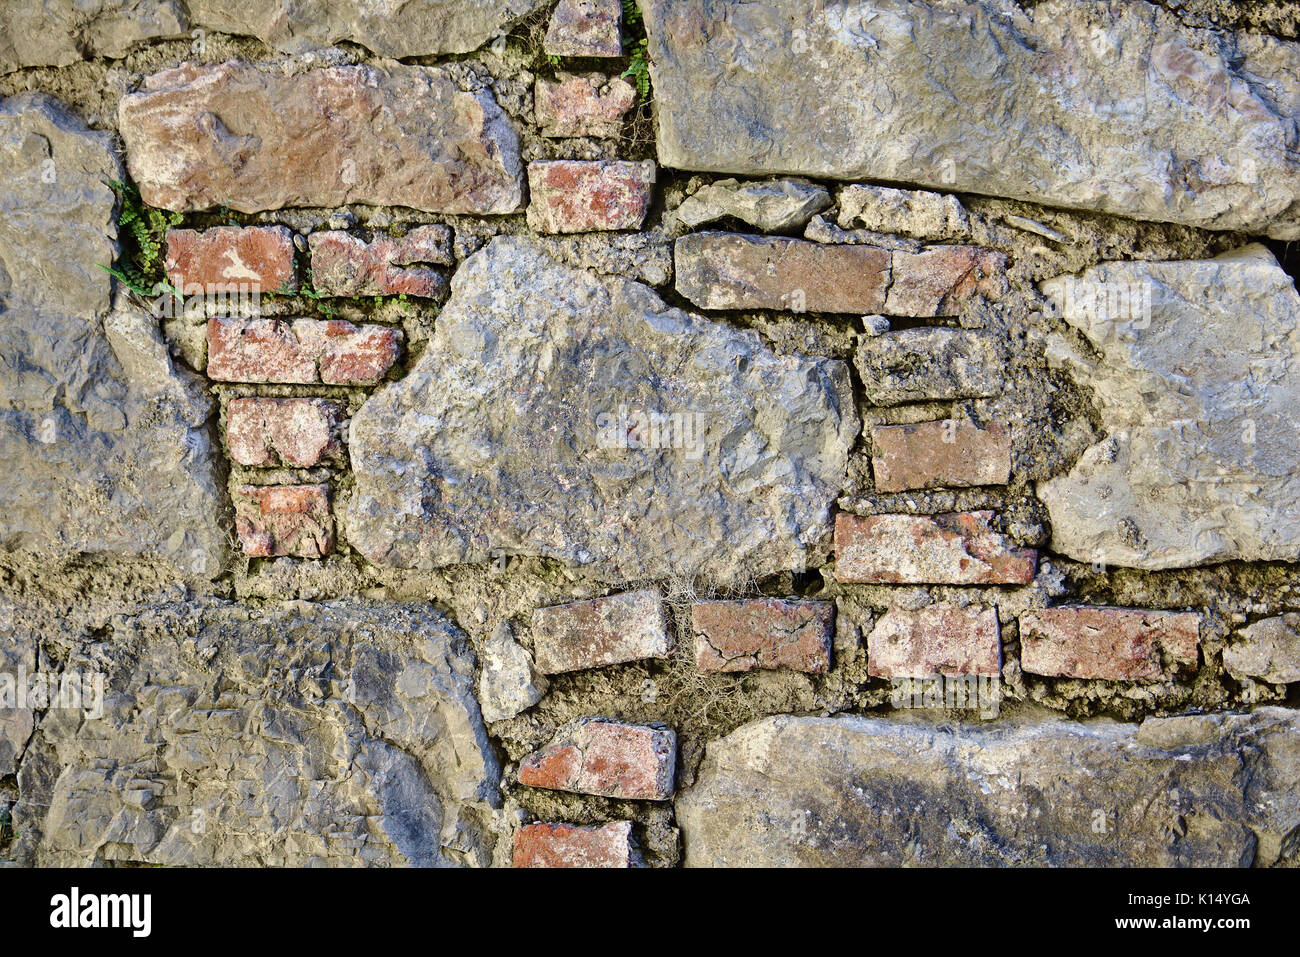 Muro Fatto In Pietra antico castello muro fatto di mattoni rossi e grandi pietre